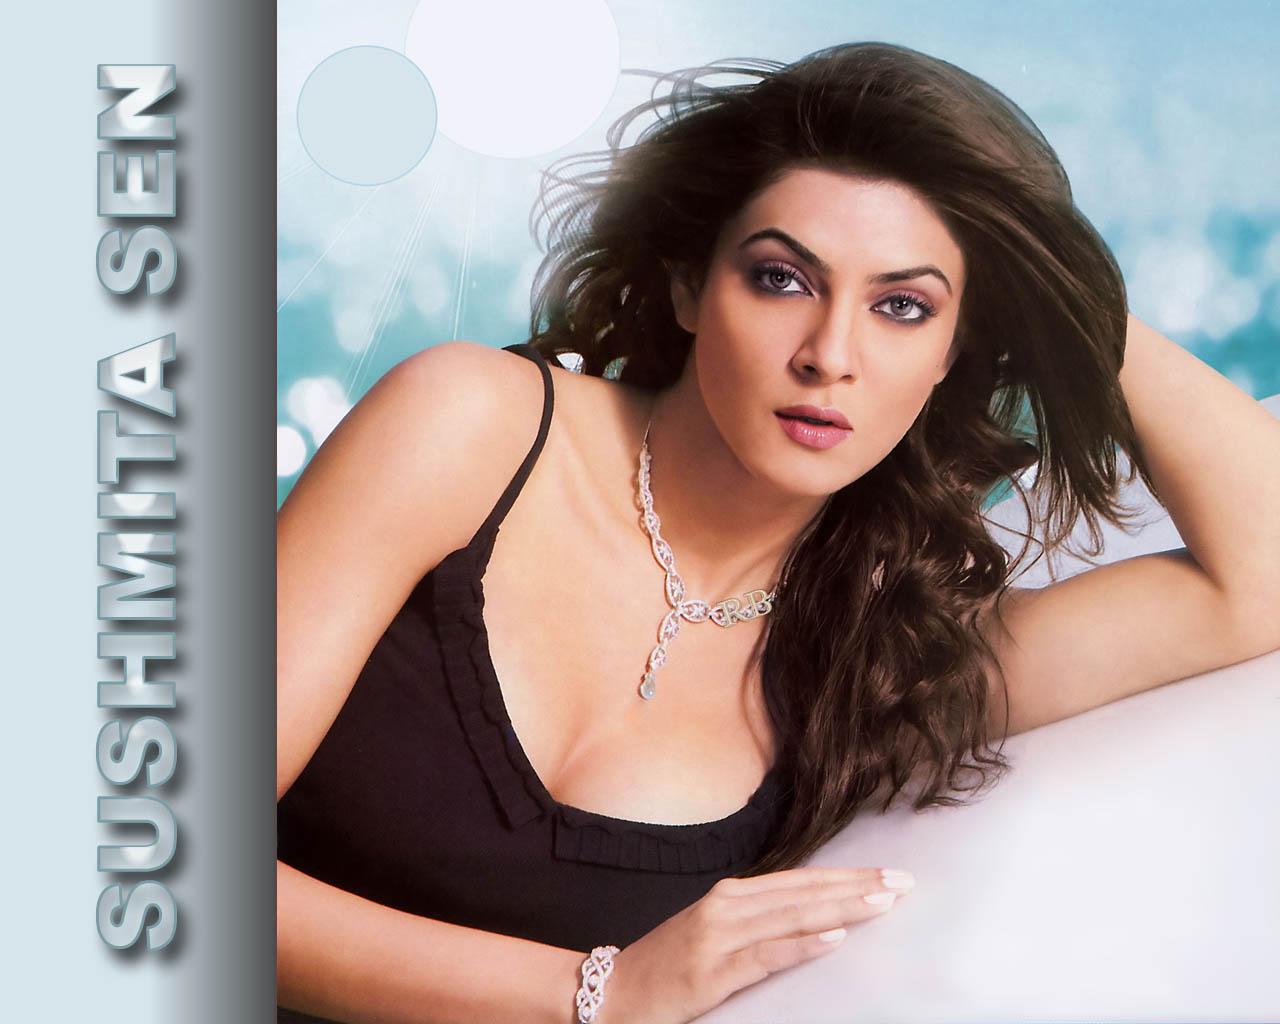 http://2.bp.blogspot.com/--OEIoFqsjck/TkqIL0Drr3I/AAAAAAAAAFg/_23dHHTG0k8/s1600/sushmita-sen-super.jpg